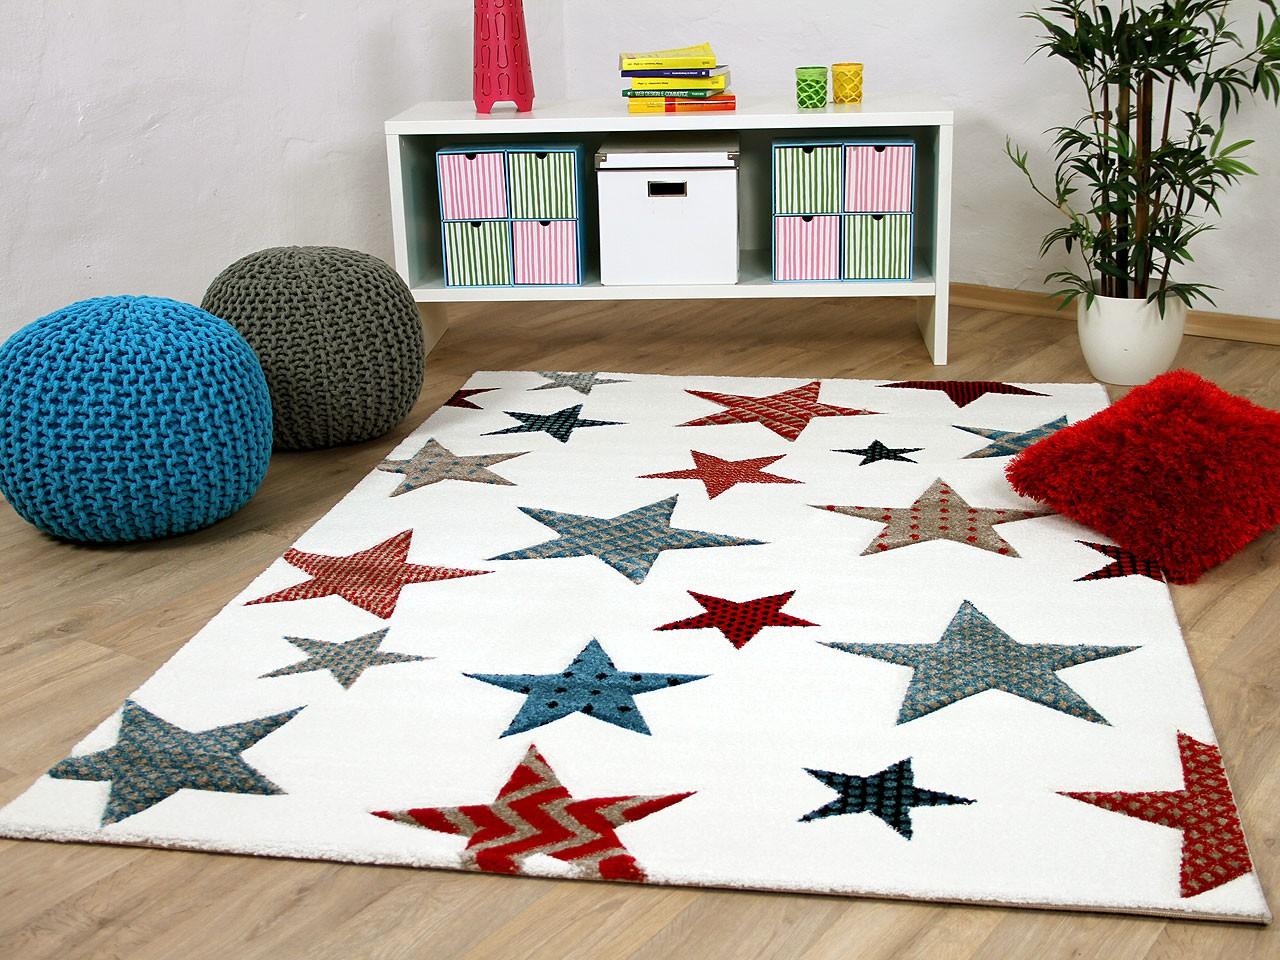 Kinder und Jugend Teppich Maui Creme Sterne Bunt - Kaufen bei ...